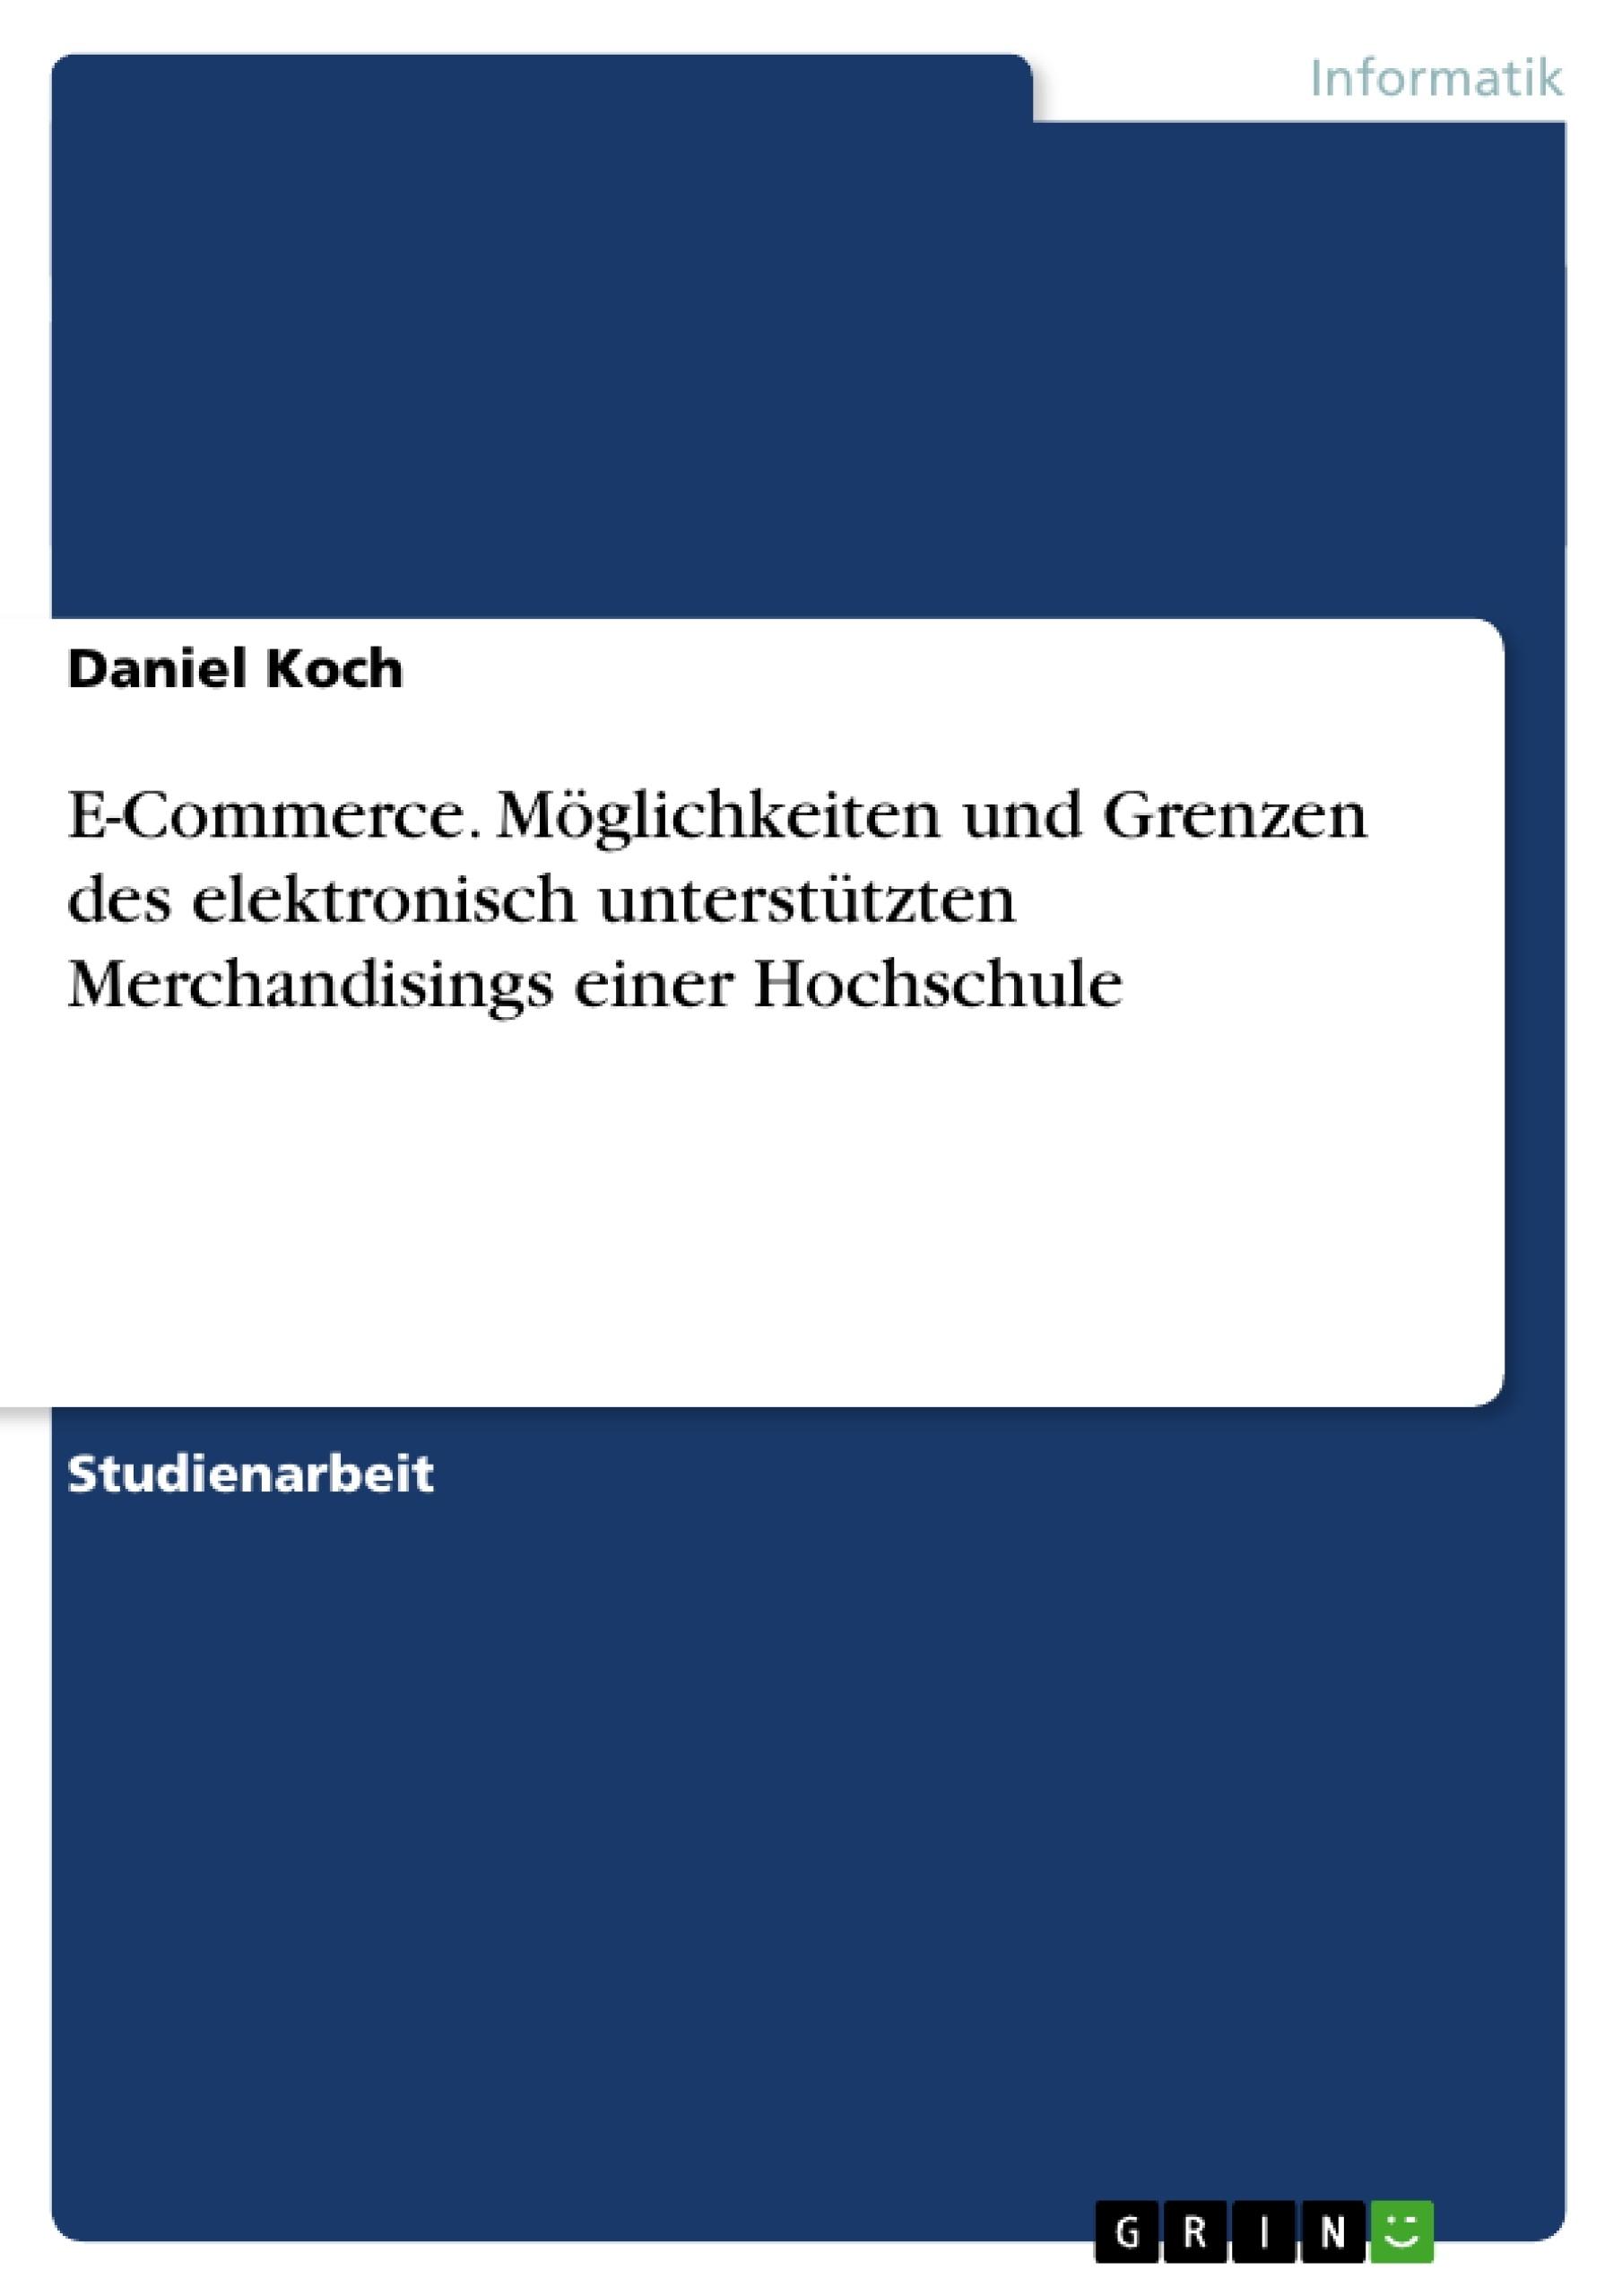 Titel: E-Commerce. Möglichkeiten und Grenzen des elektronisch unterstützten Merchandisings einer Hochschule